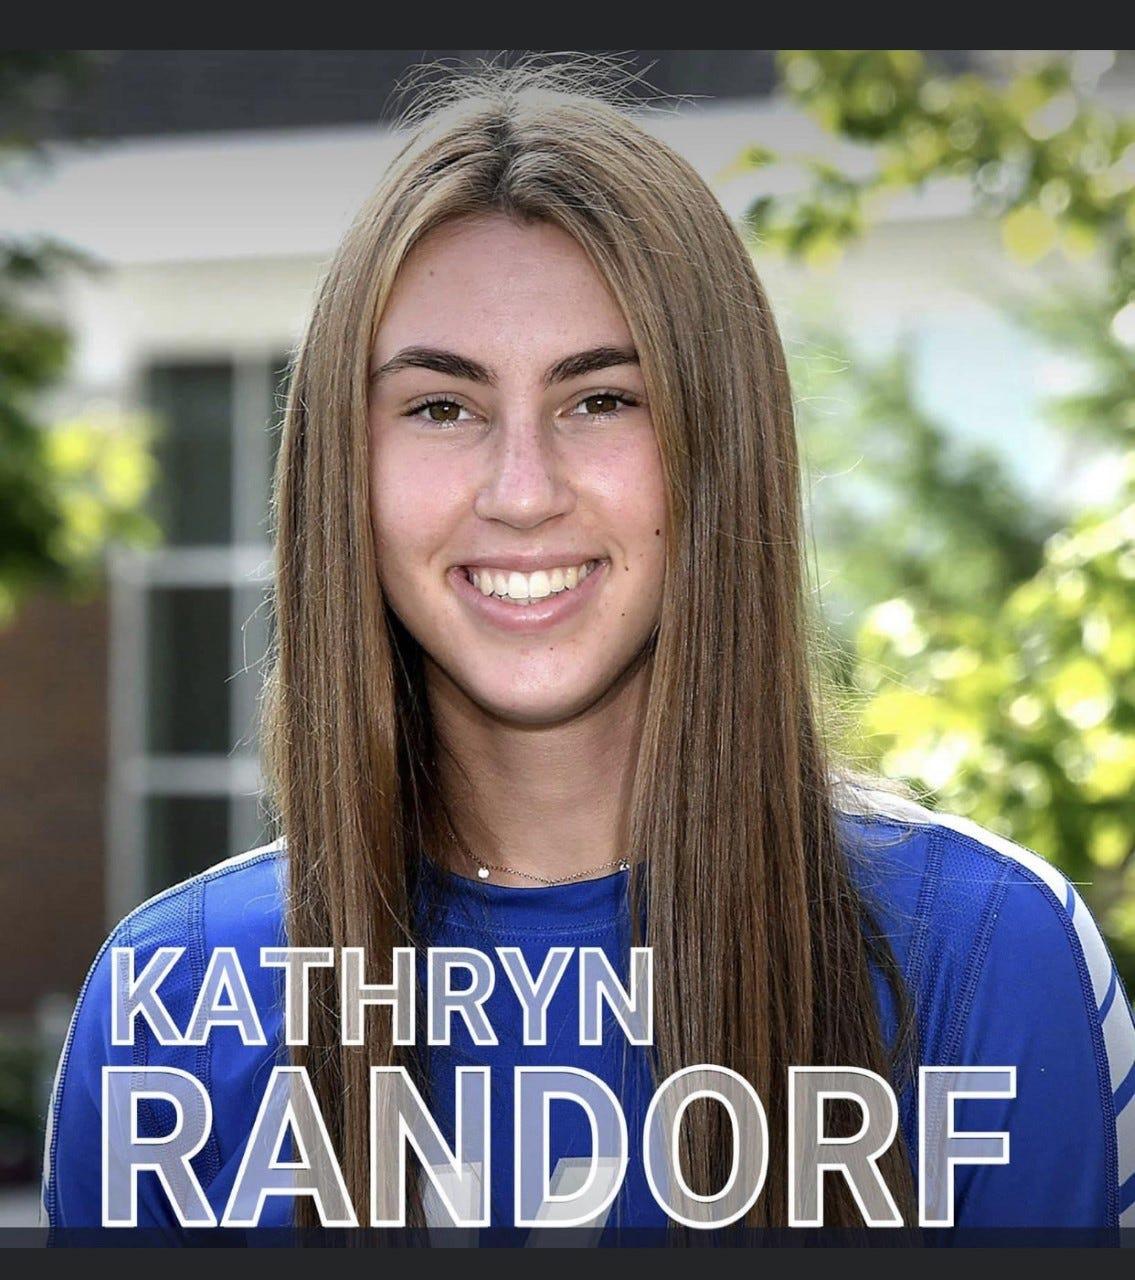 Kathryn Randorf